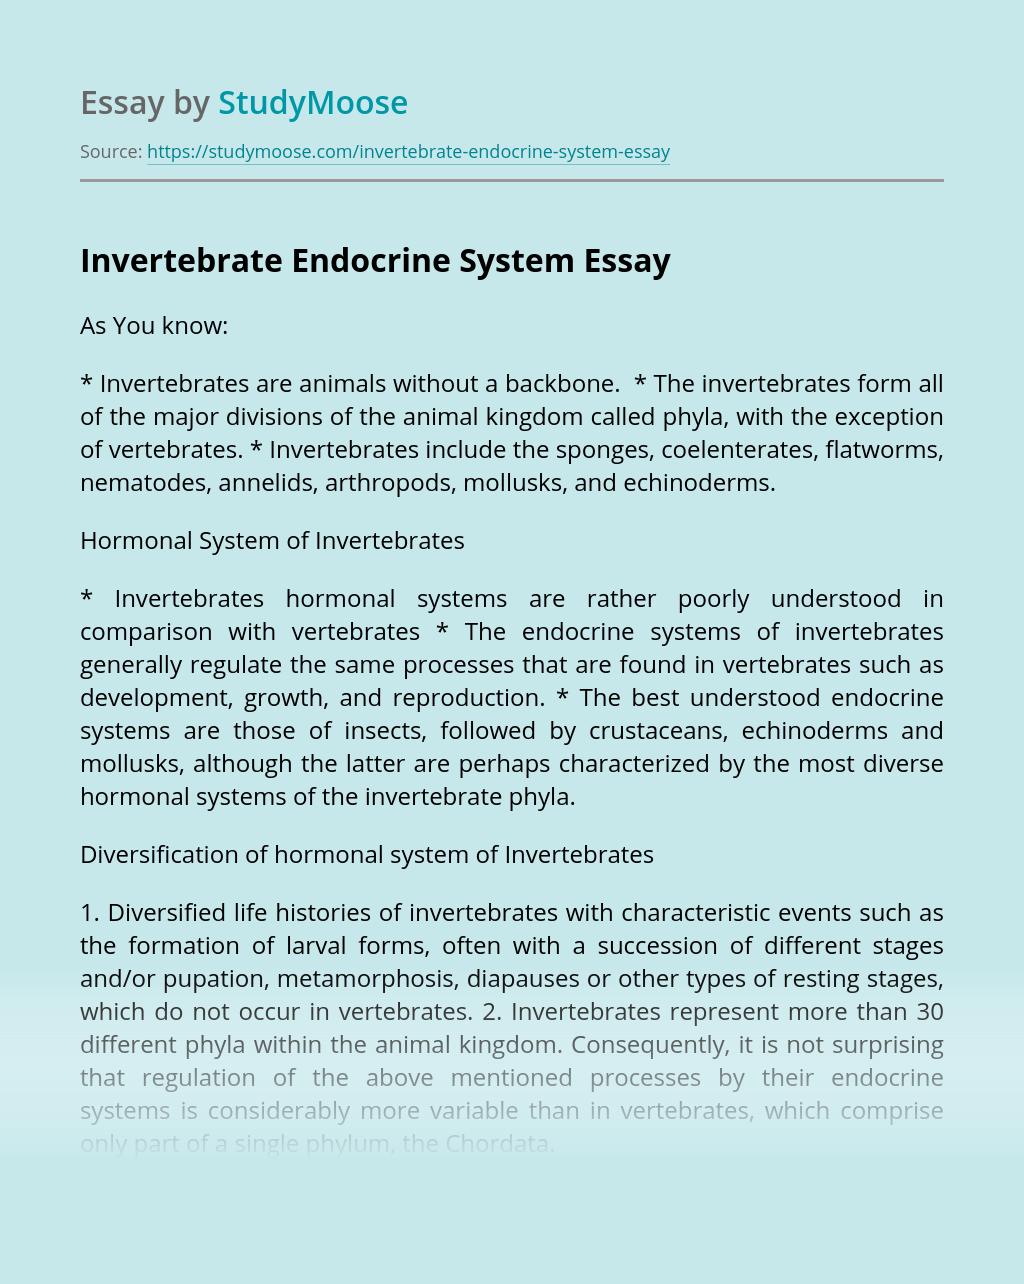 Invertebrate Endocrine System